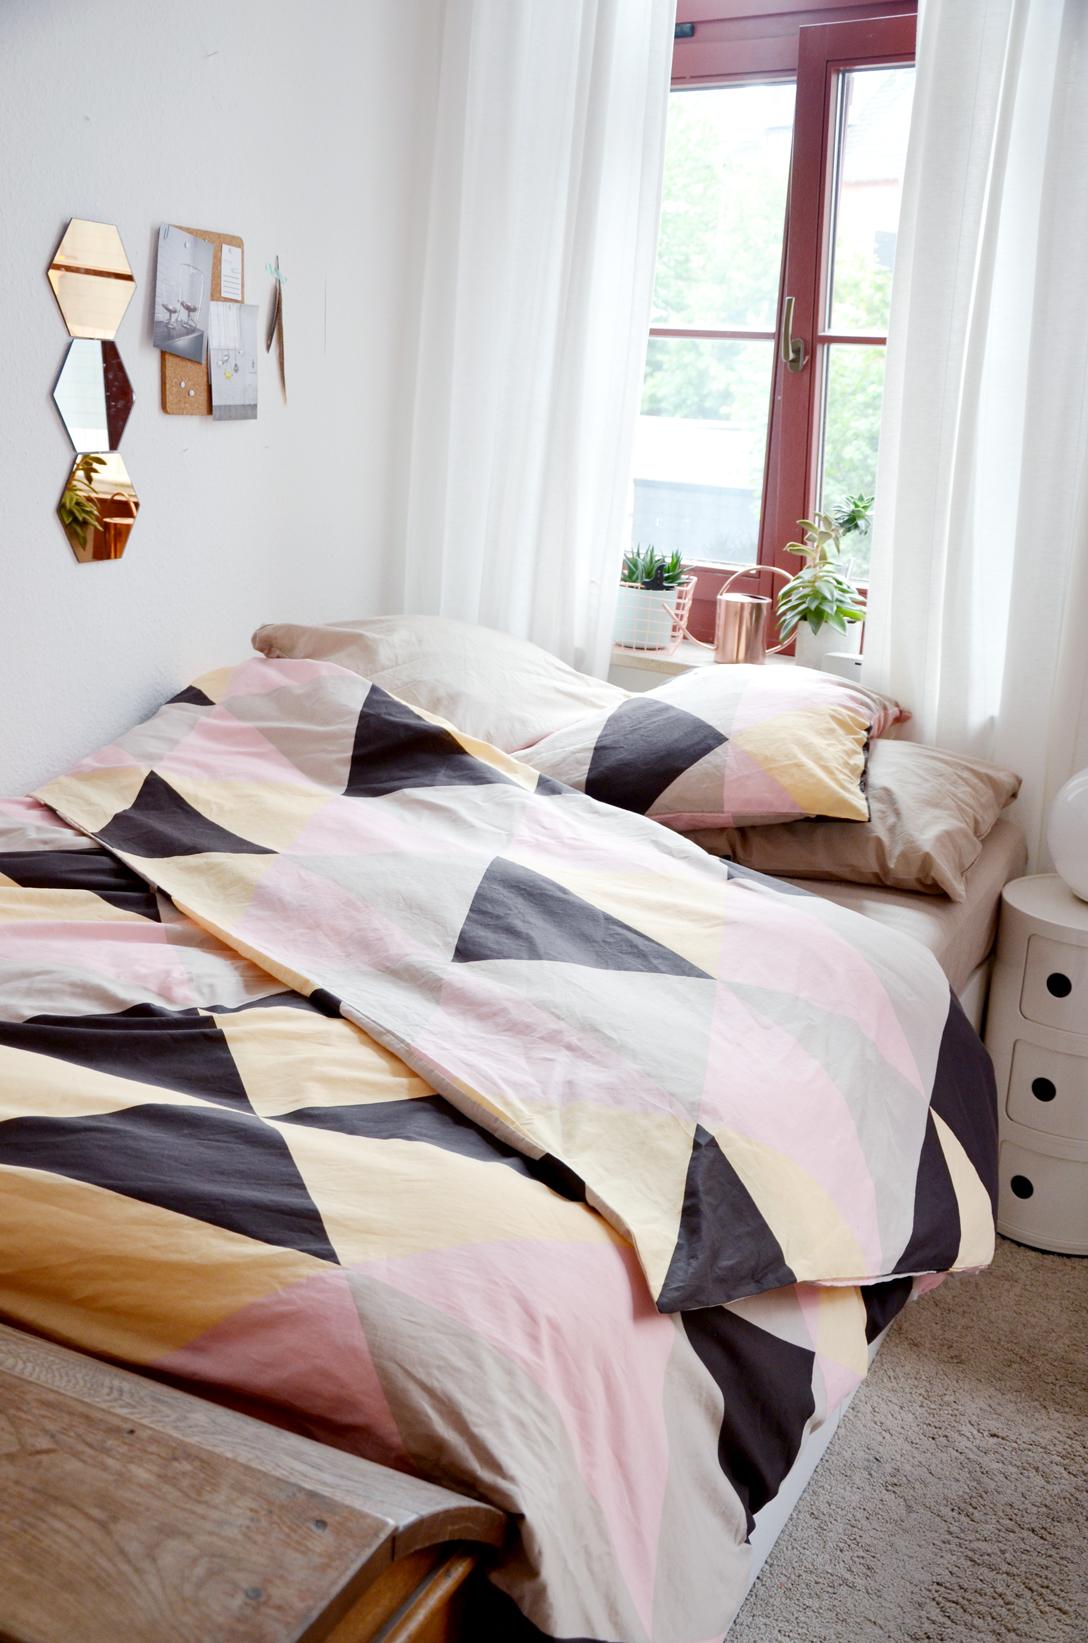 bettw sche ikea klipplin annablogie annablogie. Black Bedroom Furniture Sets. Home Design Ideas